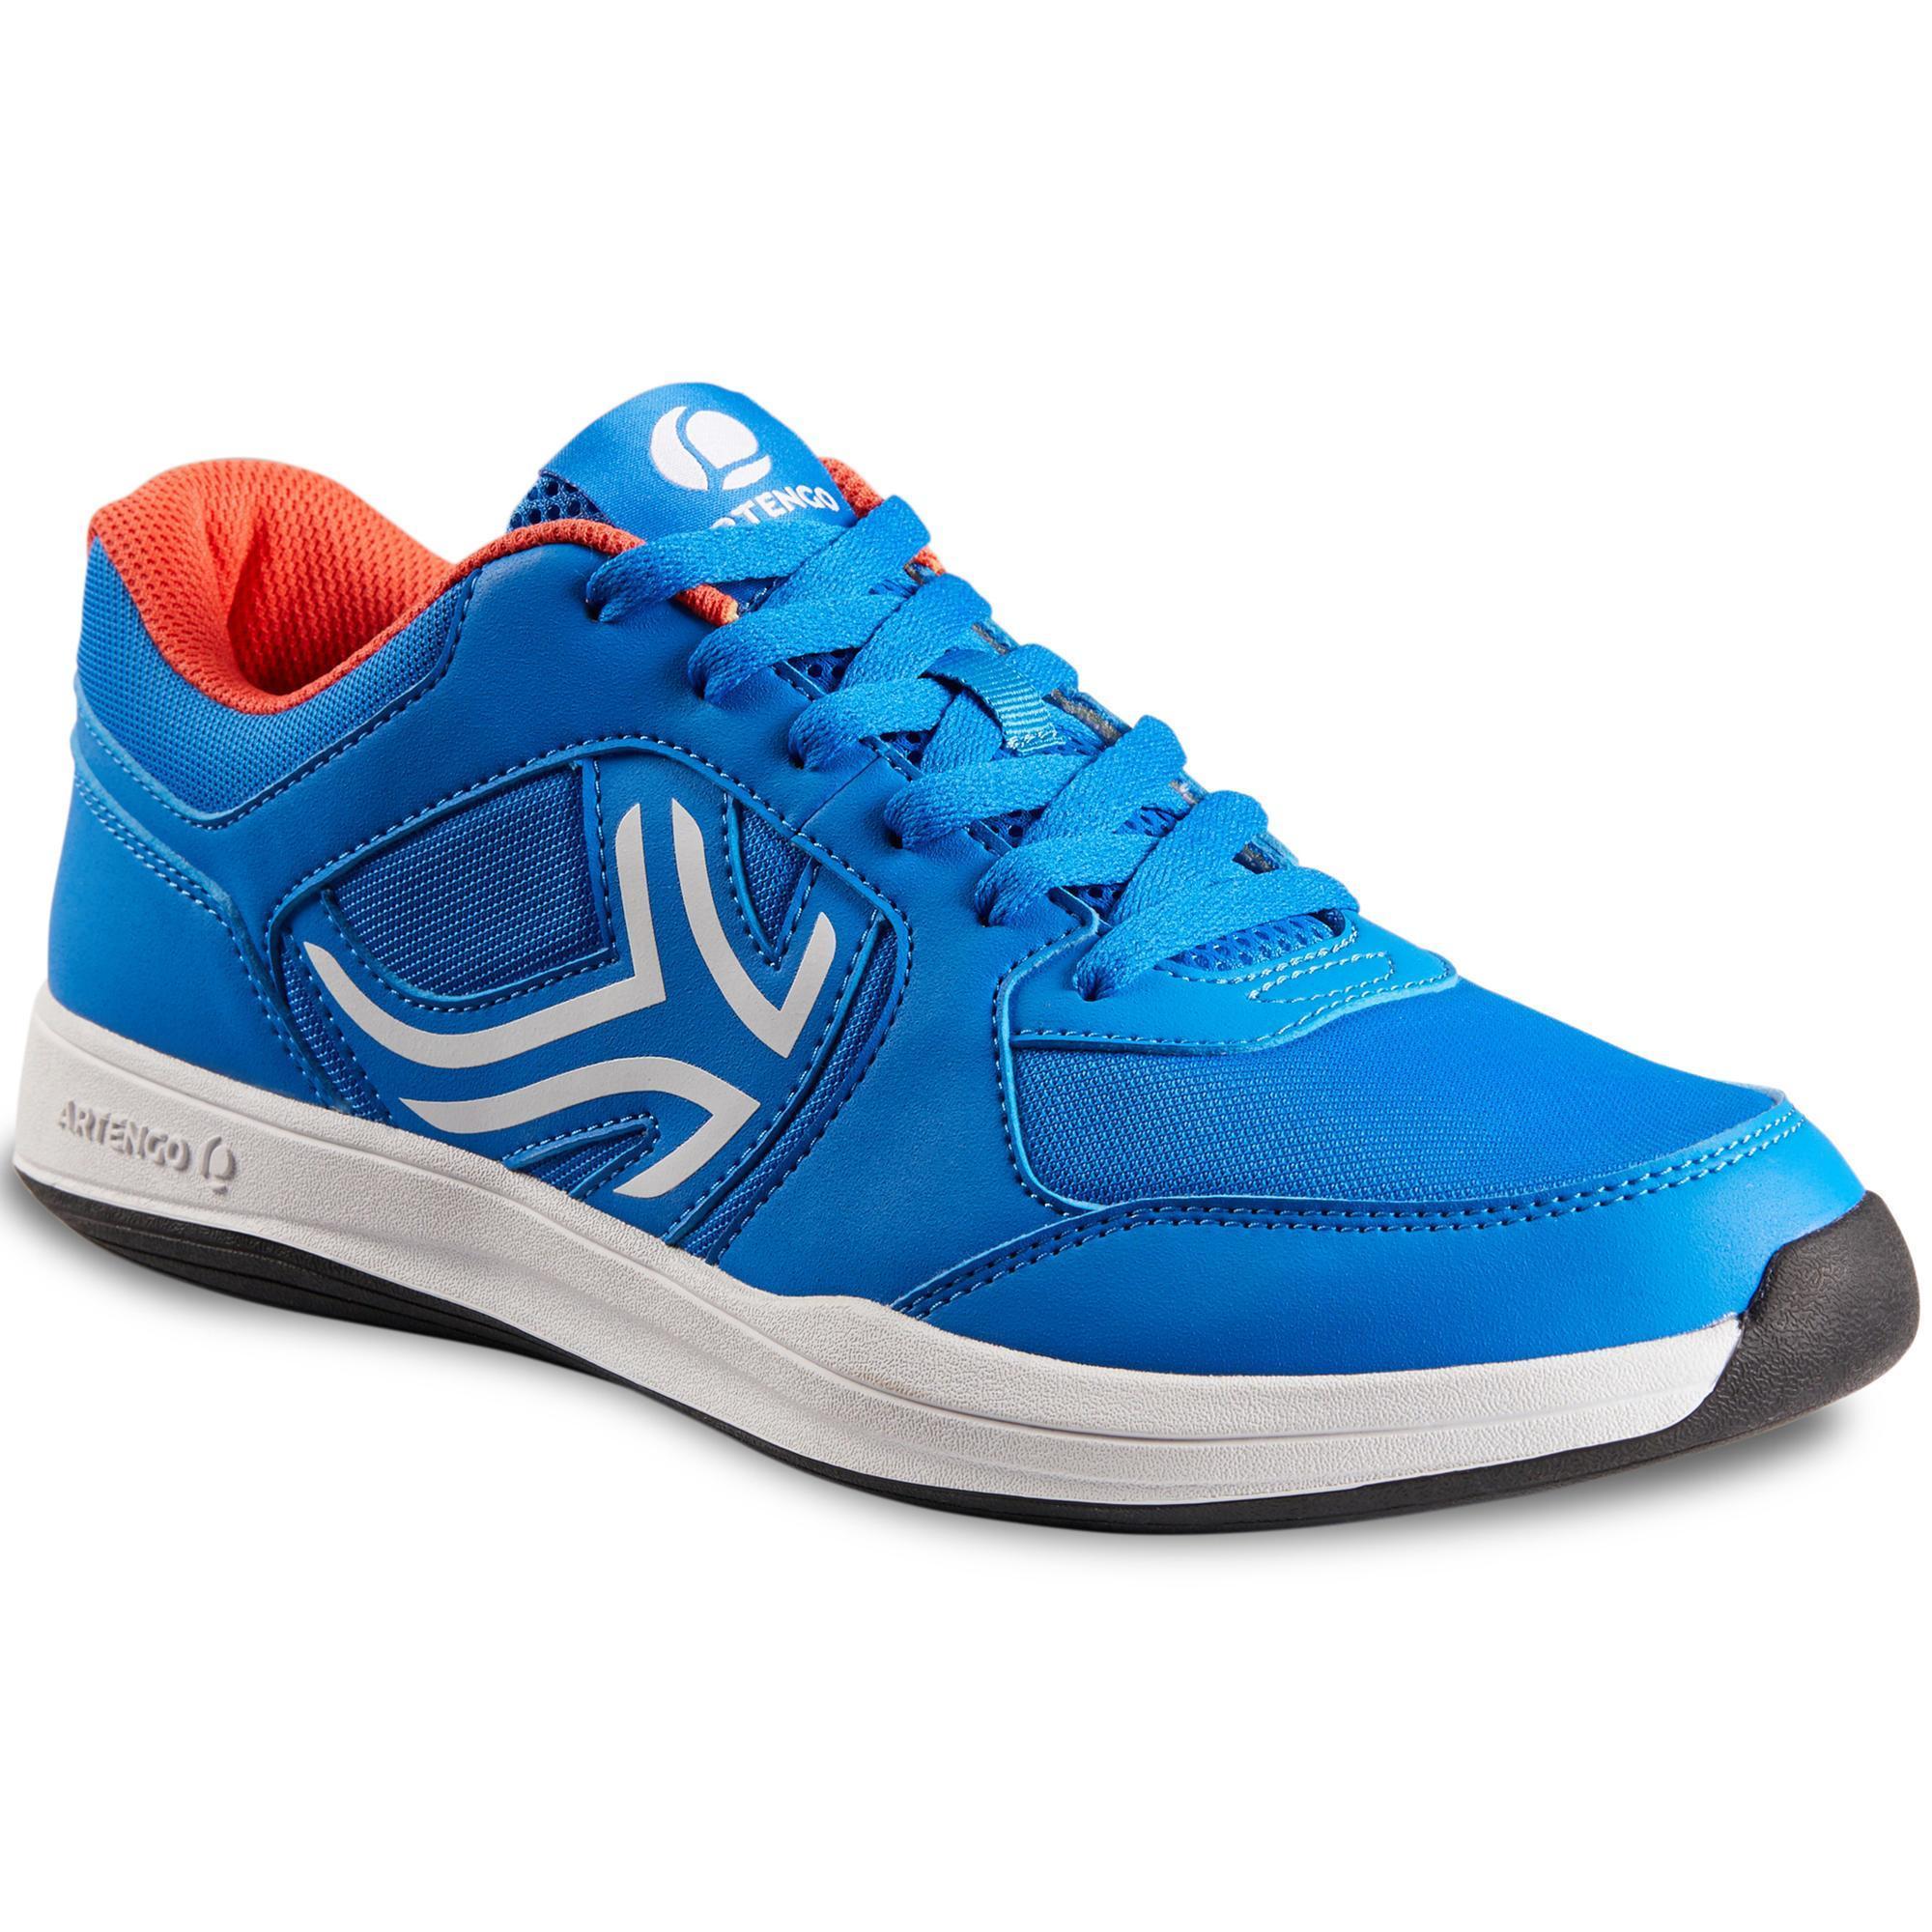 Artengo Tennisschoenen voor heren TS130 blauw multicourt